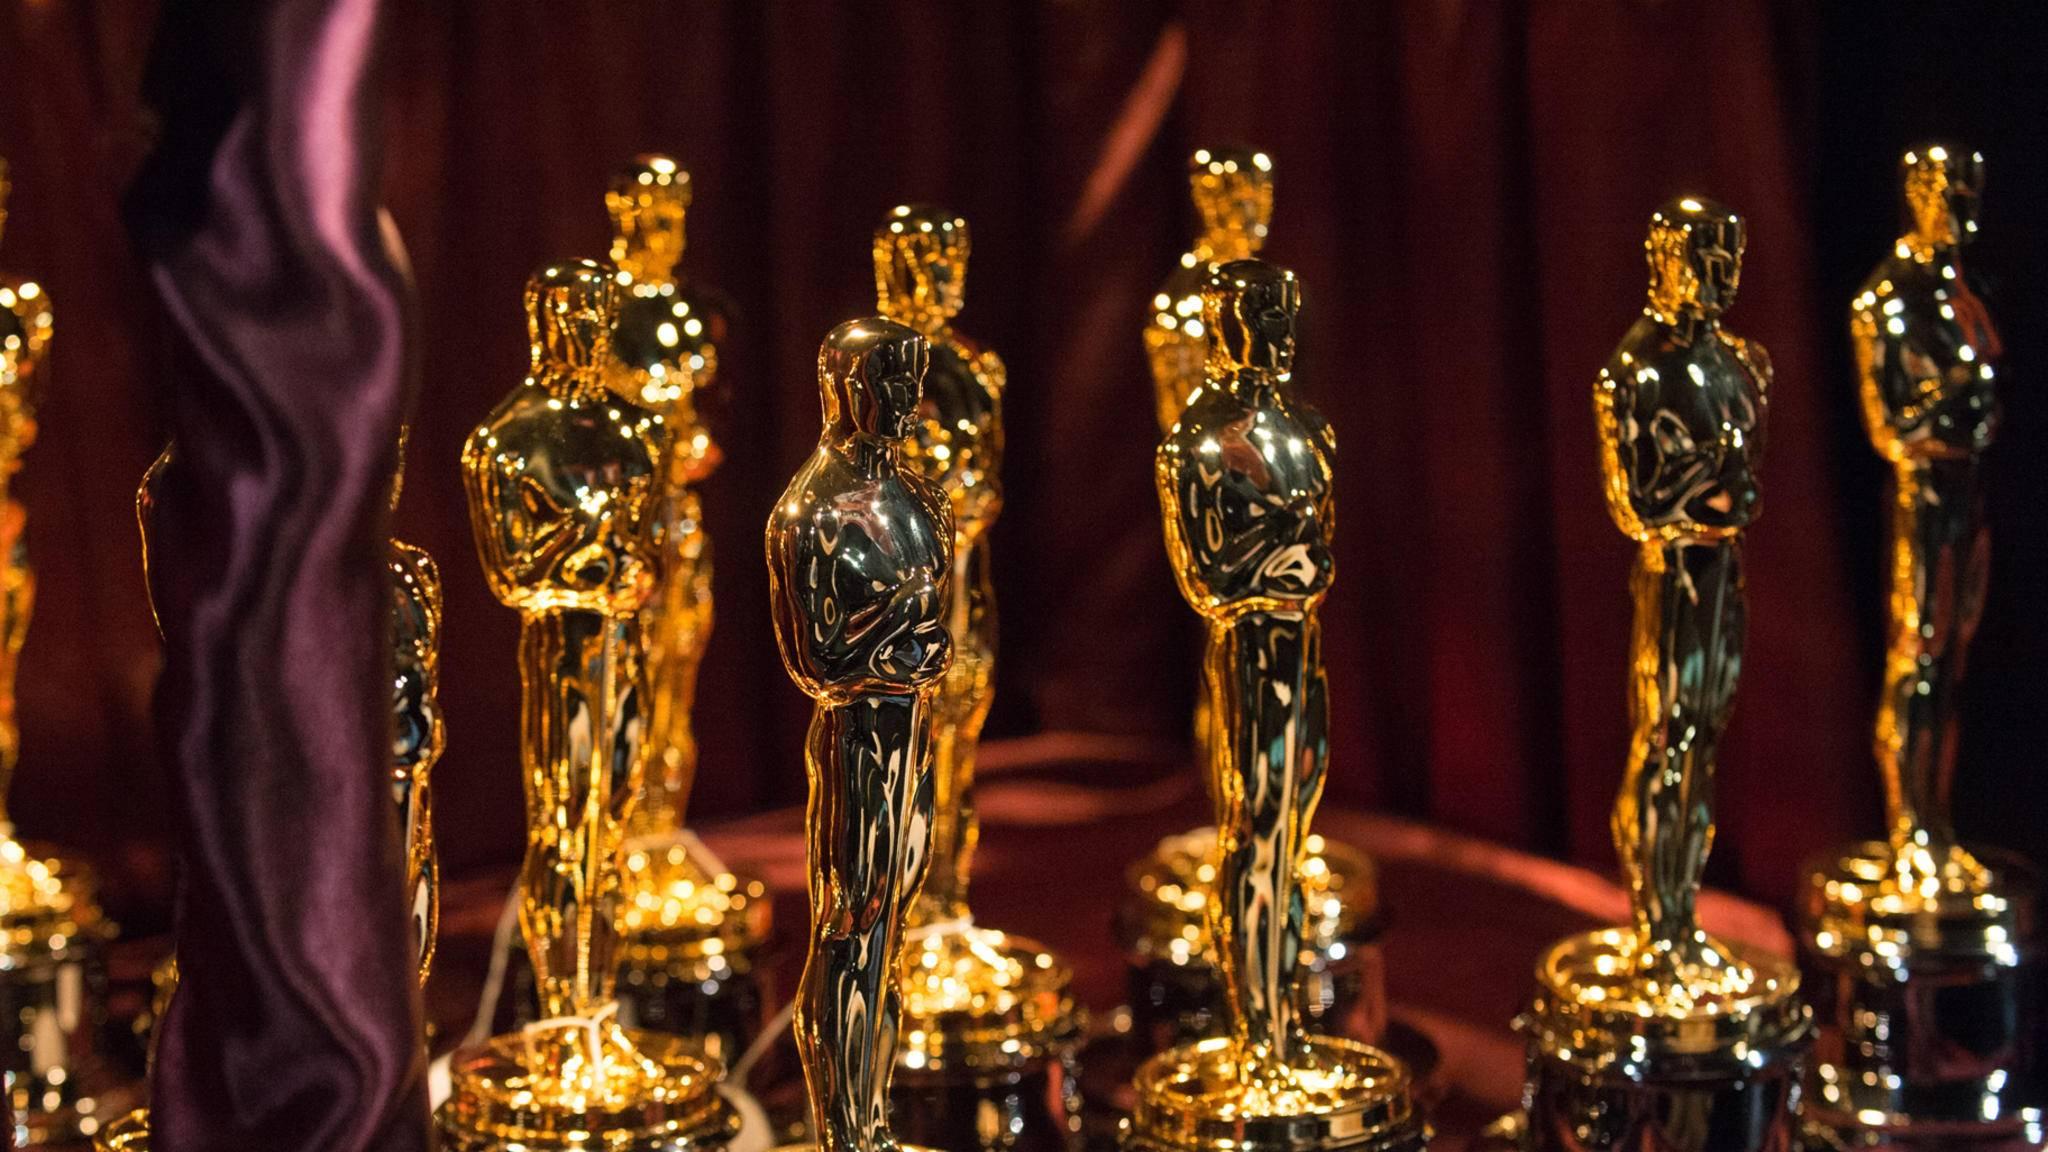 Die Academy hat kommendes Jahr zwei Monate mehr Zeit, die Oscars auf Hochglanz zu polieren.